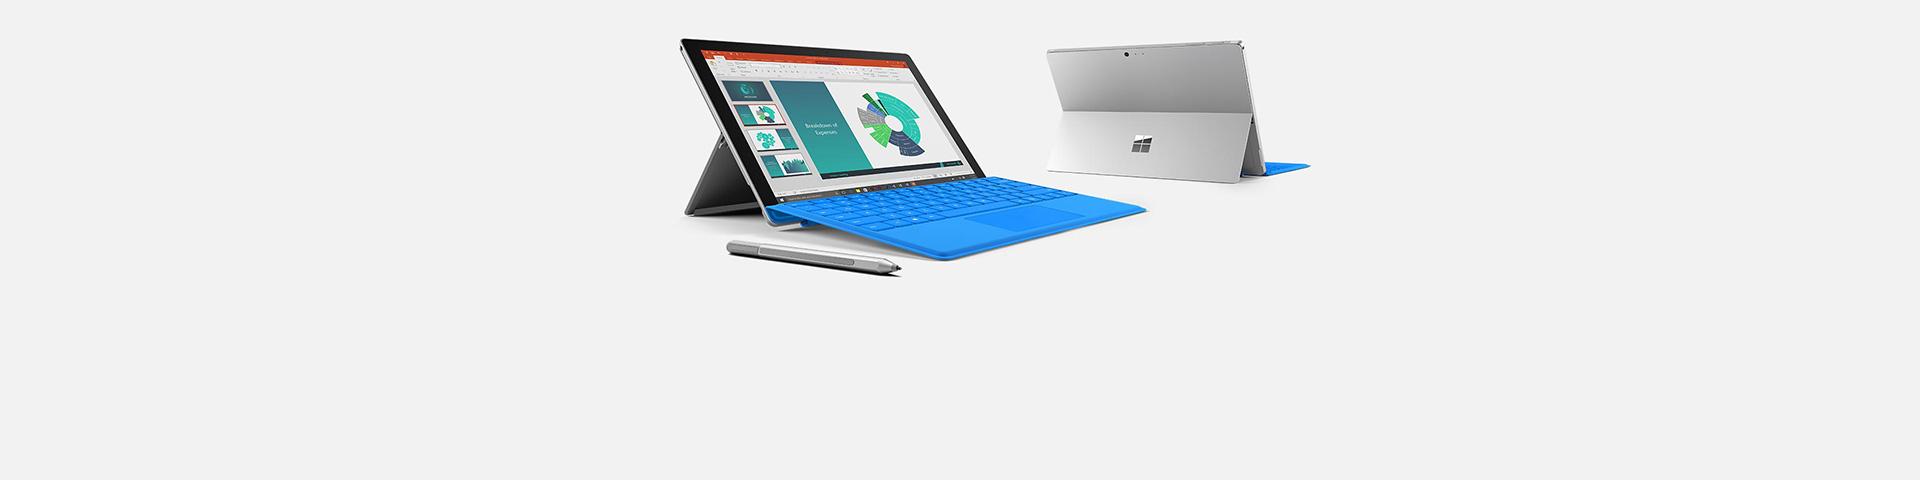 Surface Pro 4 -laitteita